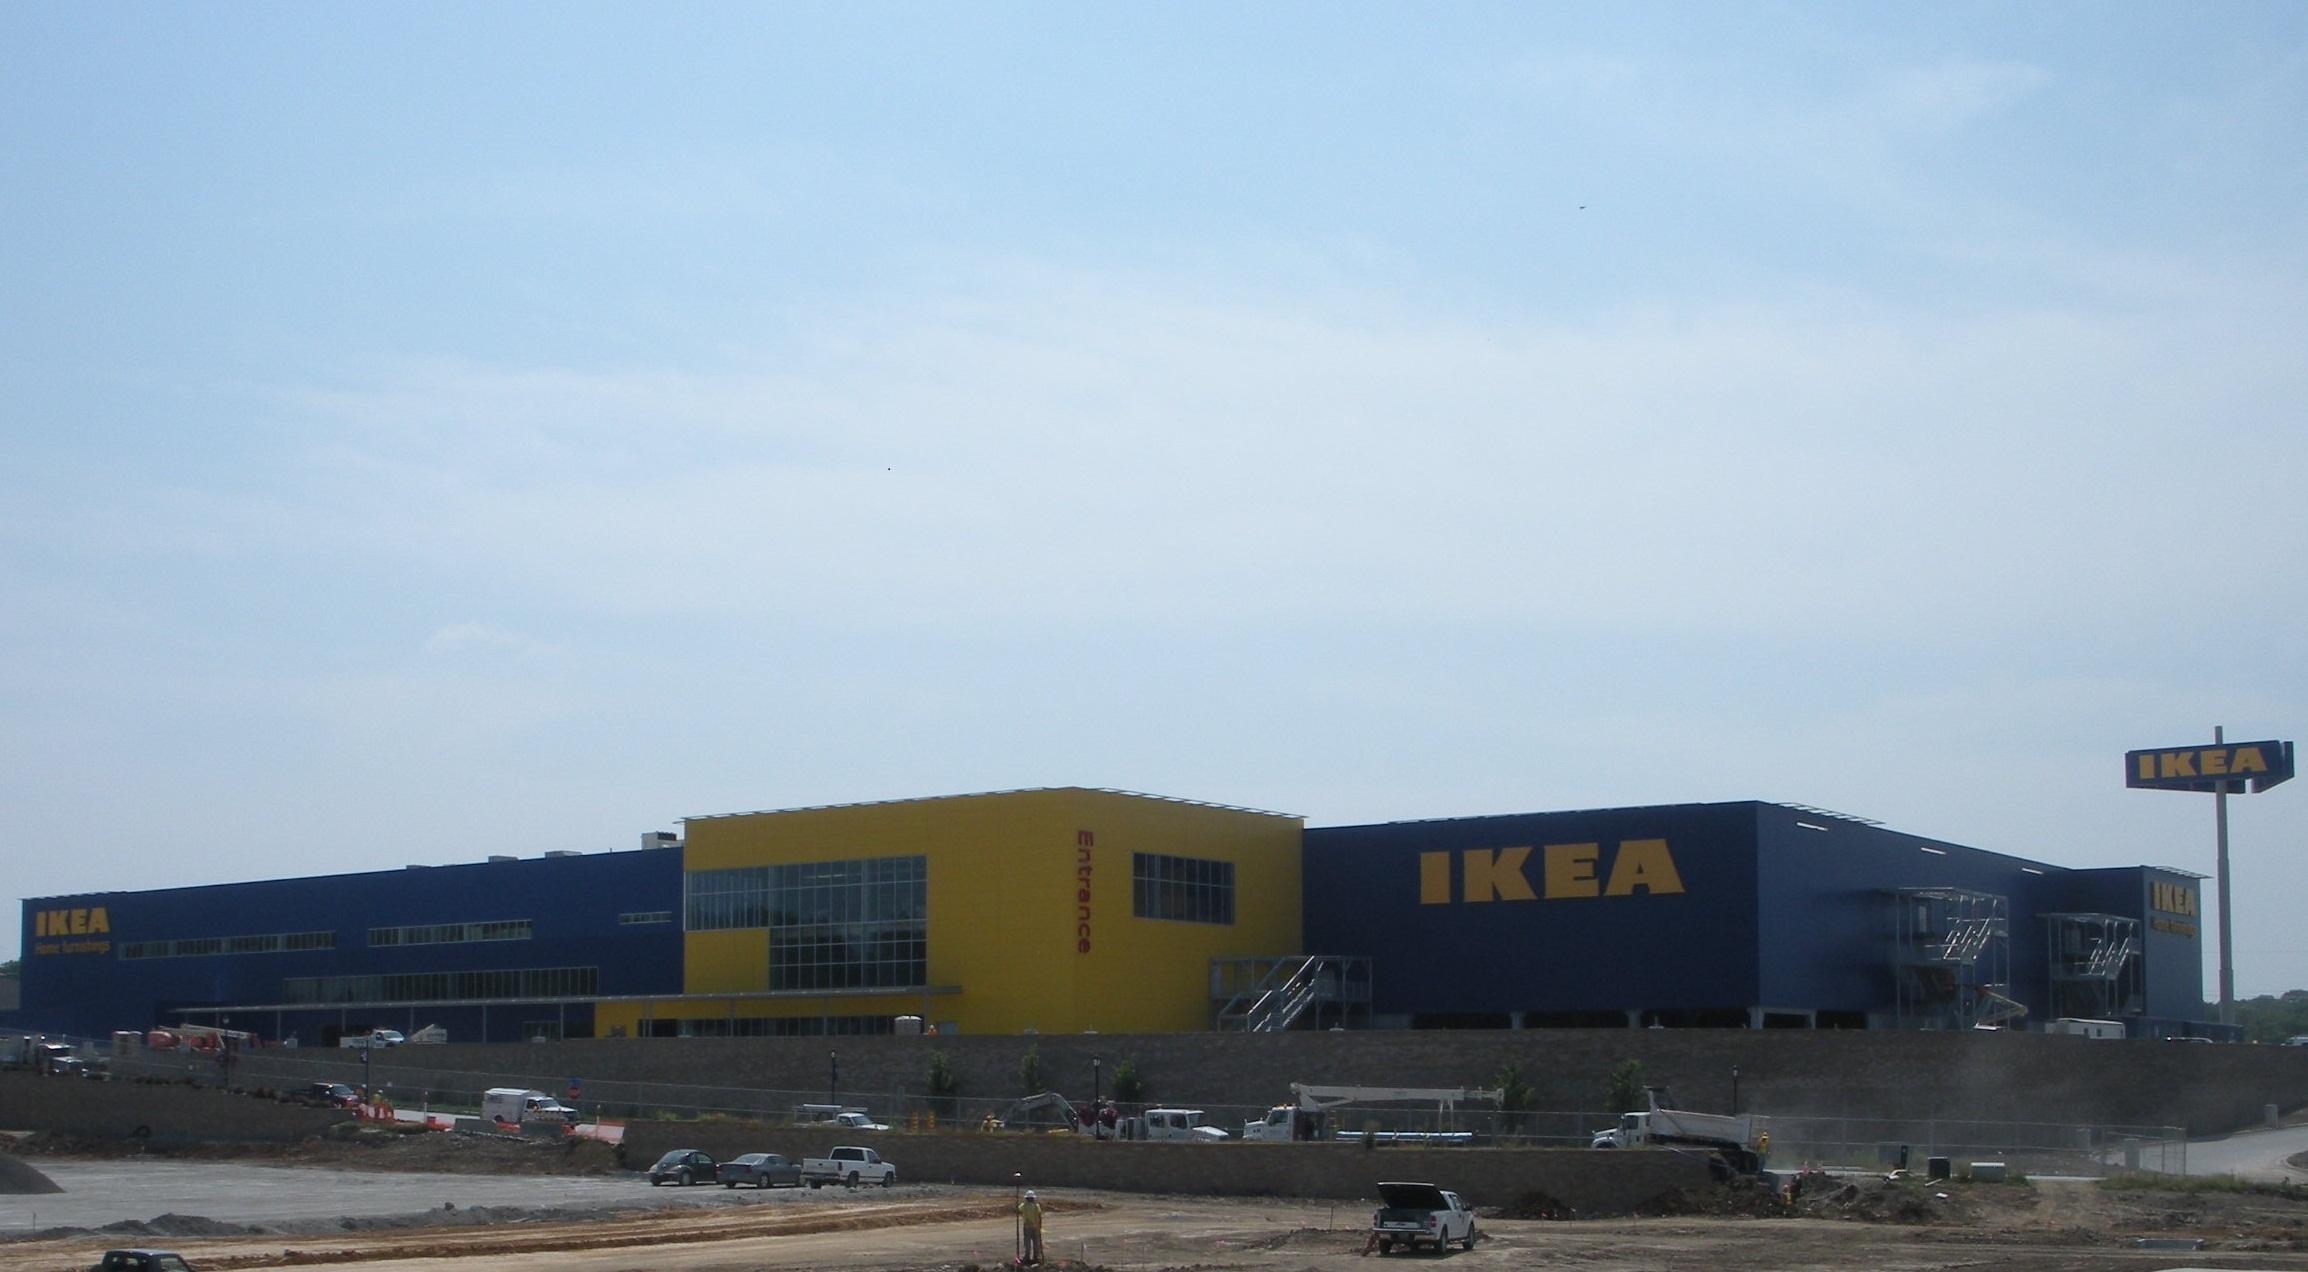 swedish retailer ikea to open future kansas city area store on